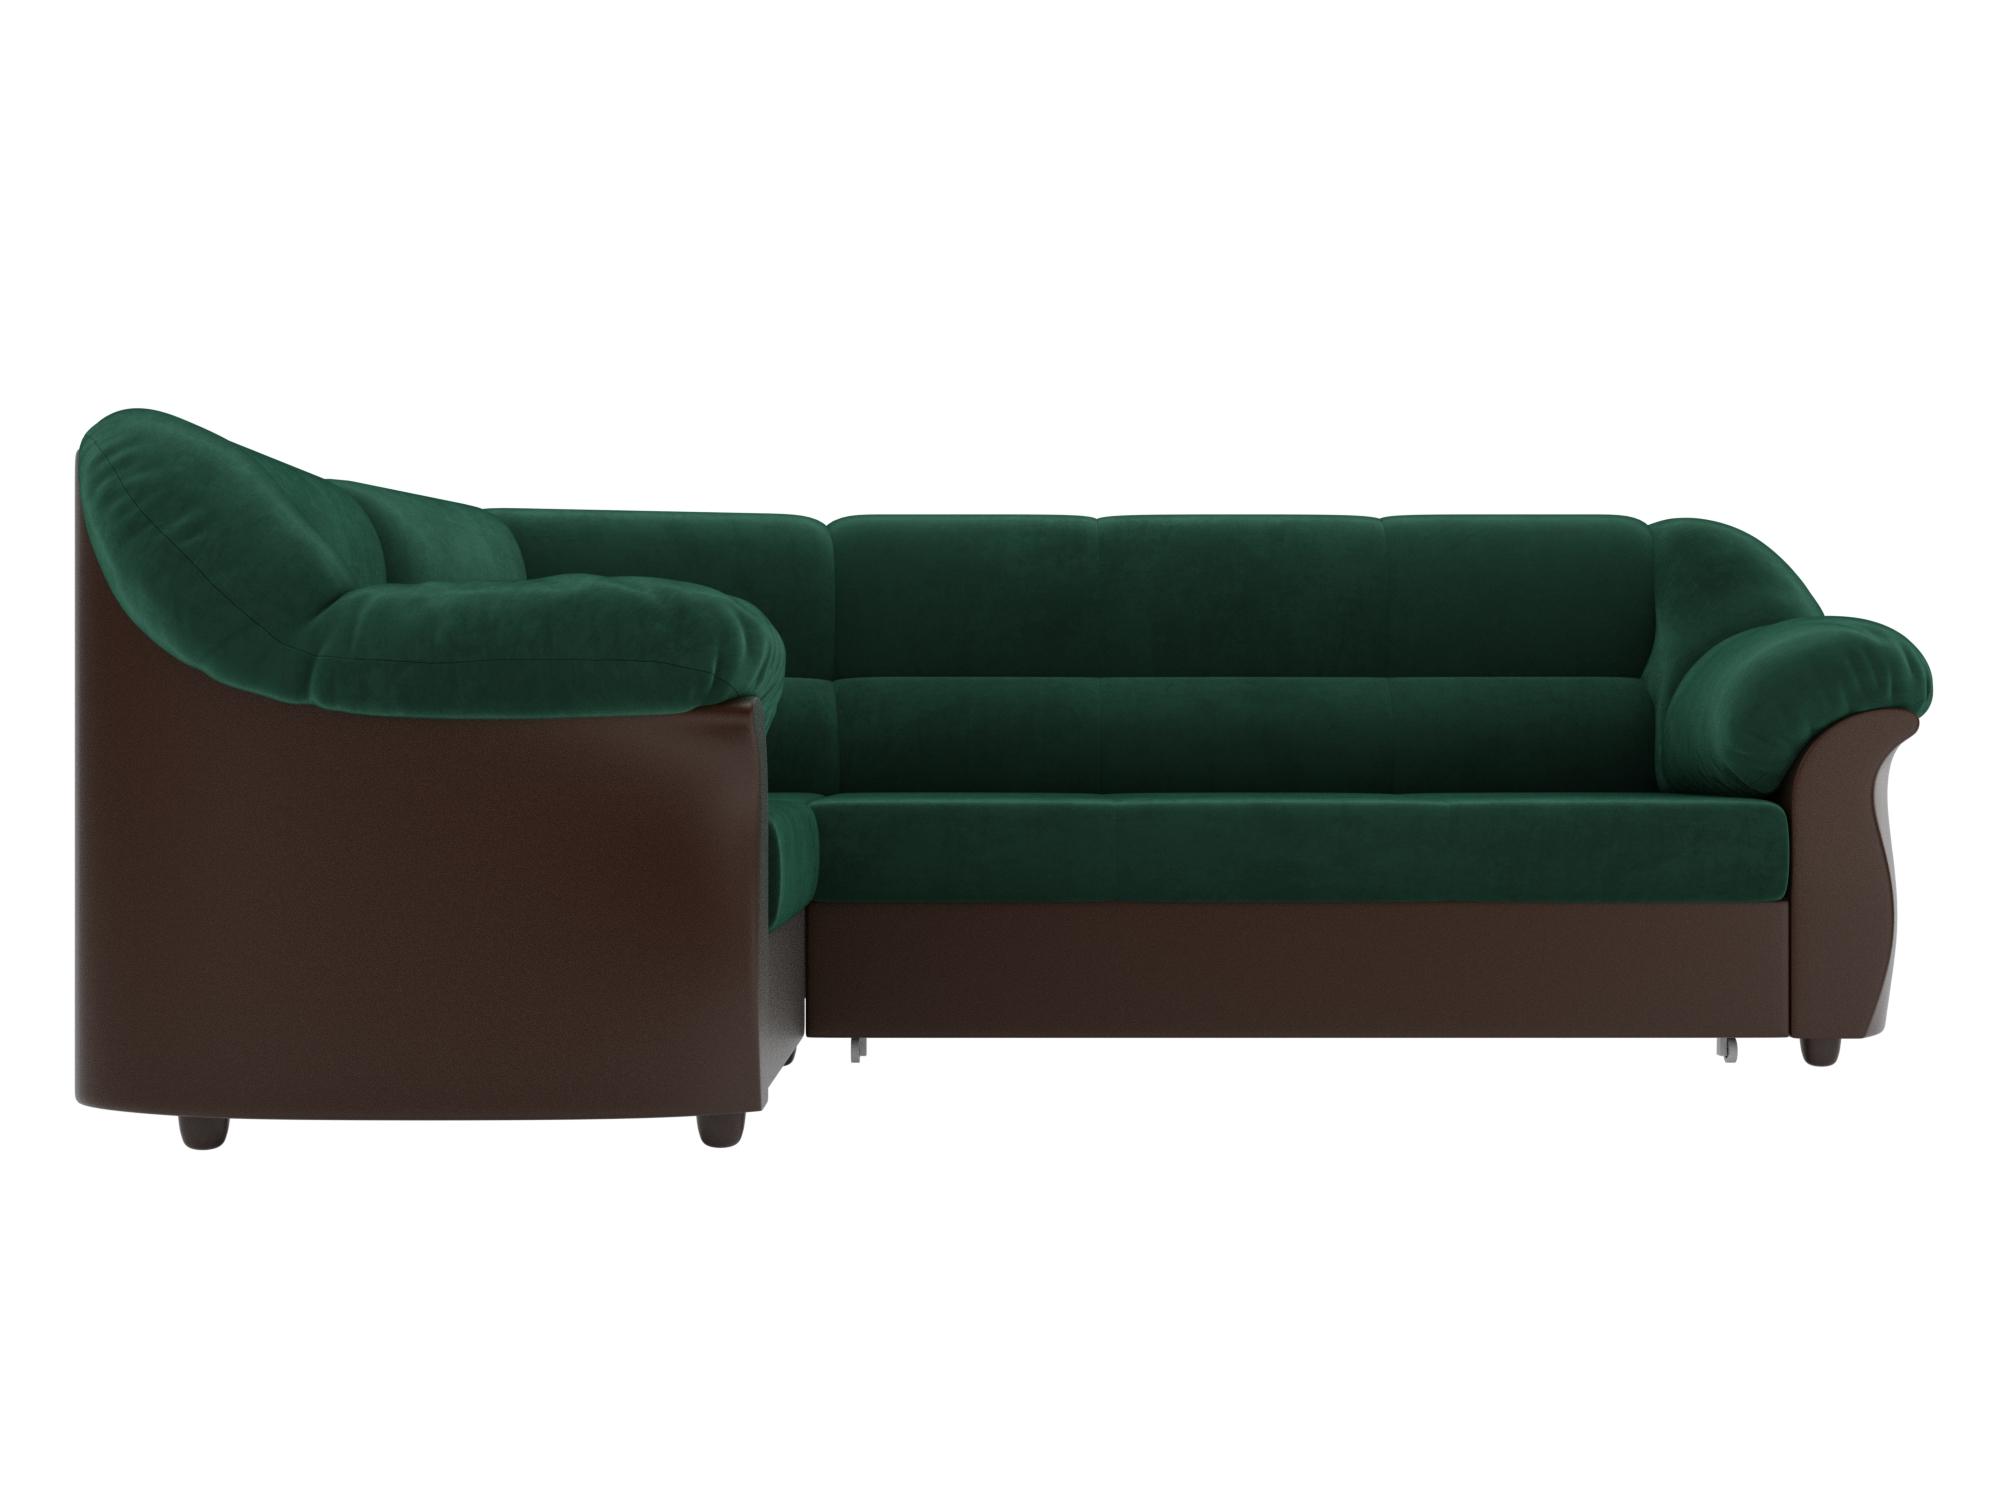 Угловой диван Карнелла Левый MebelVia Зеленый, Коричневый